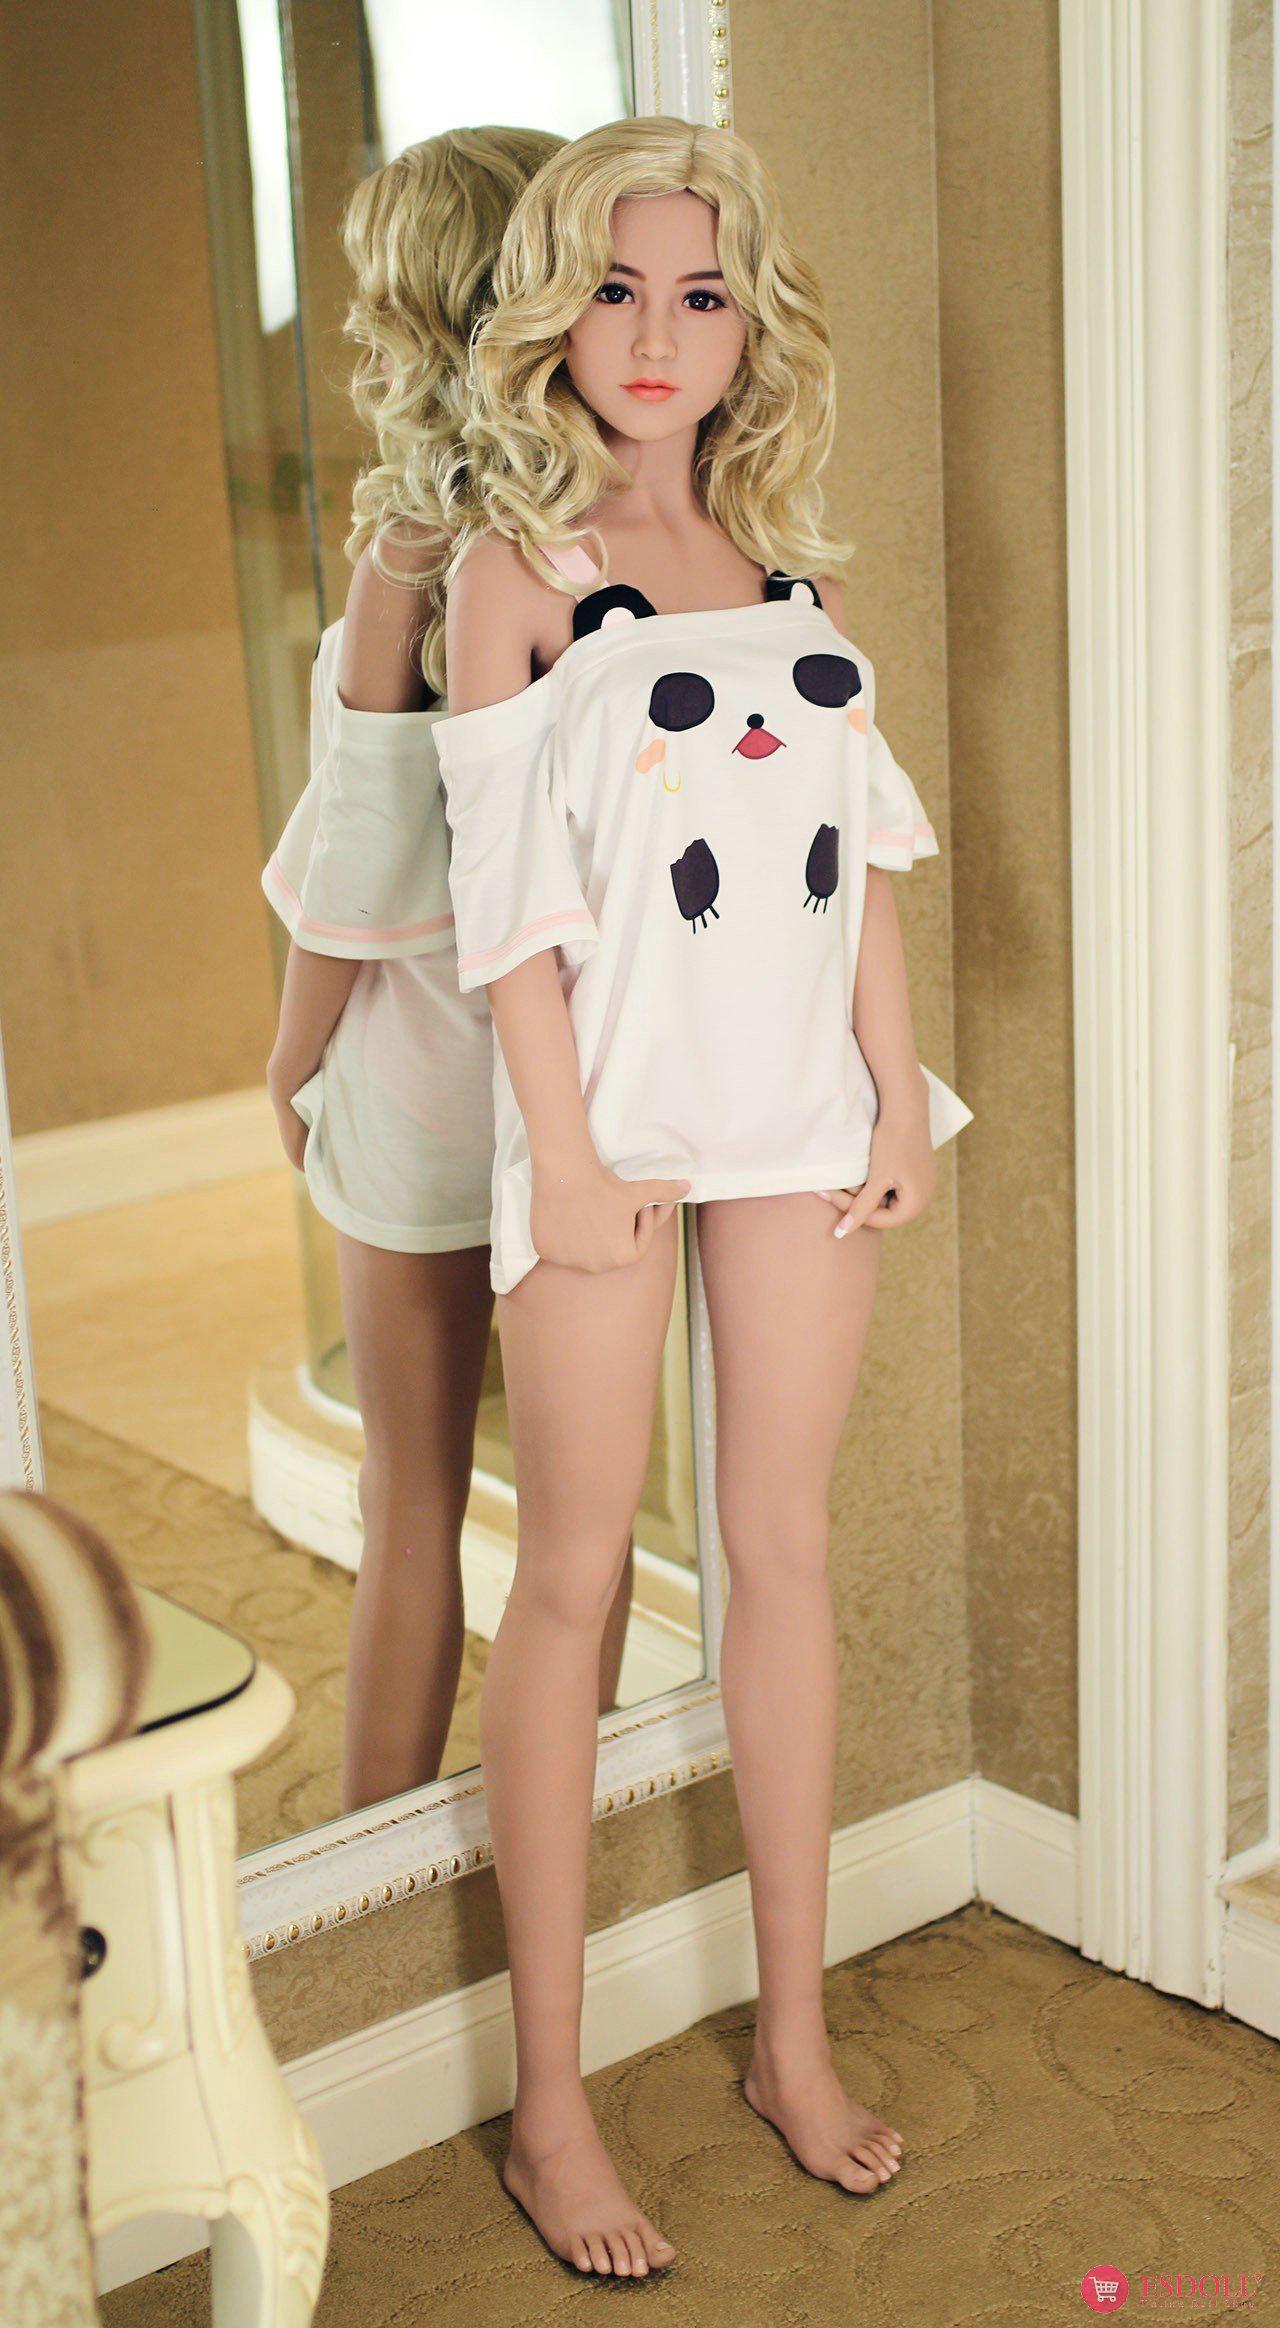 156cm 5.12ft Bonnie Silicone sex doll - 8